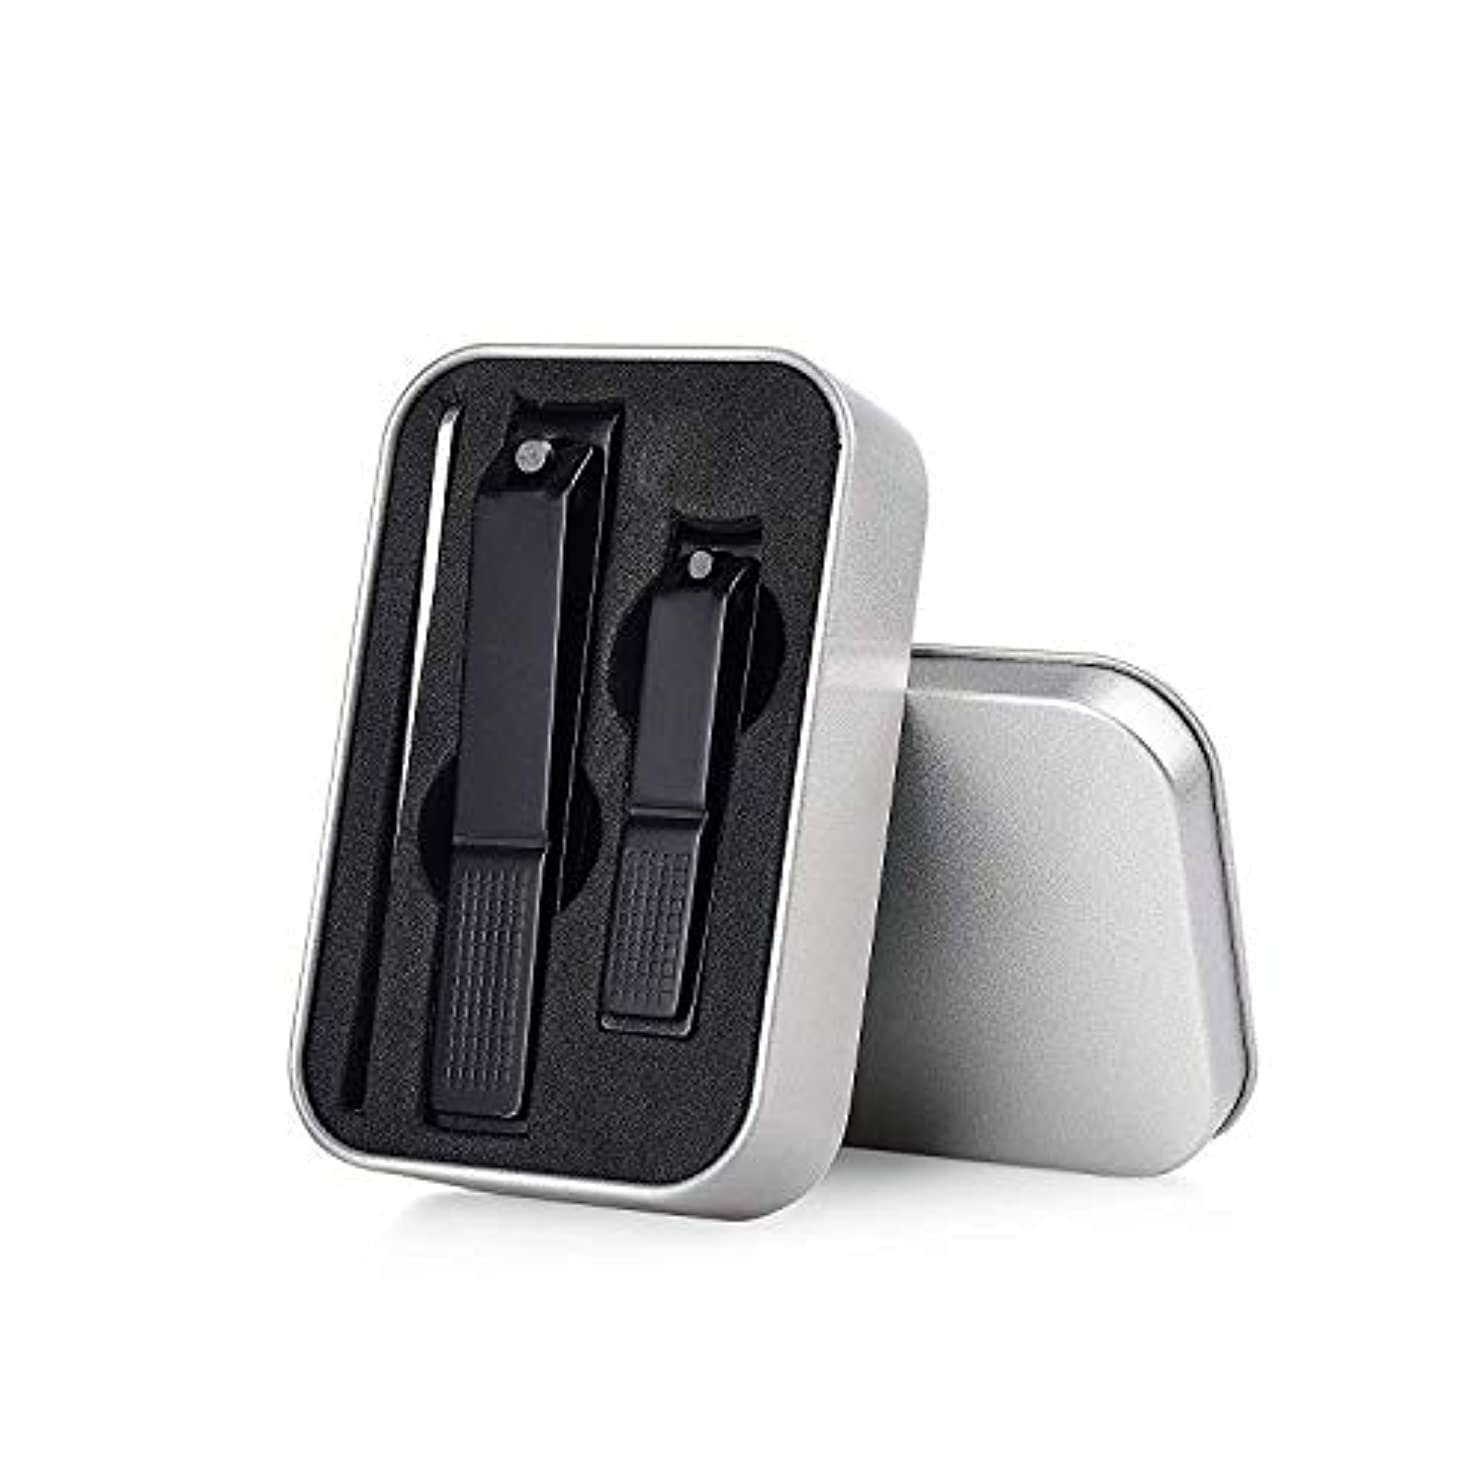 演じるシャット同様に爪&爪+爪やすり(クリーナー)用3ピースネイルクリッパーキット(トラベルケース付き)-シャープネイルカッターセット、満足度100%返金保証